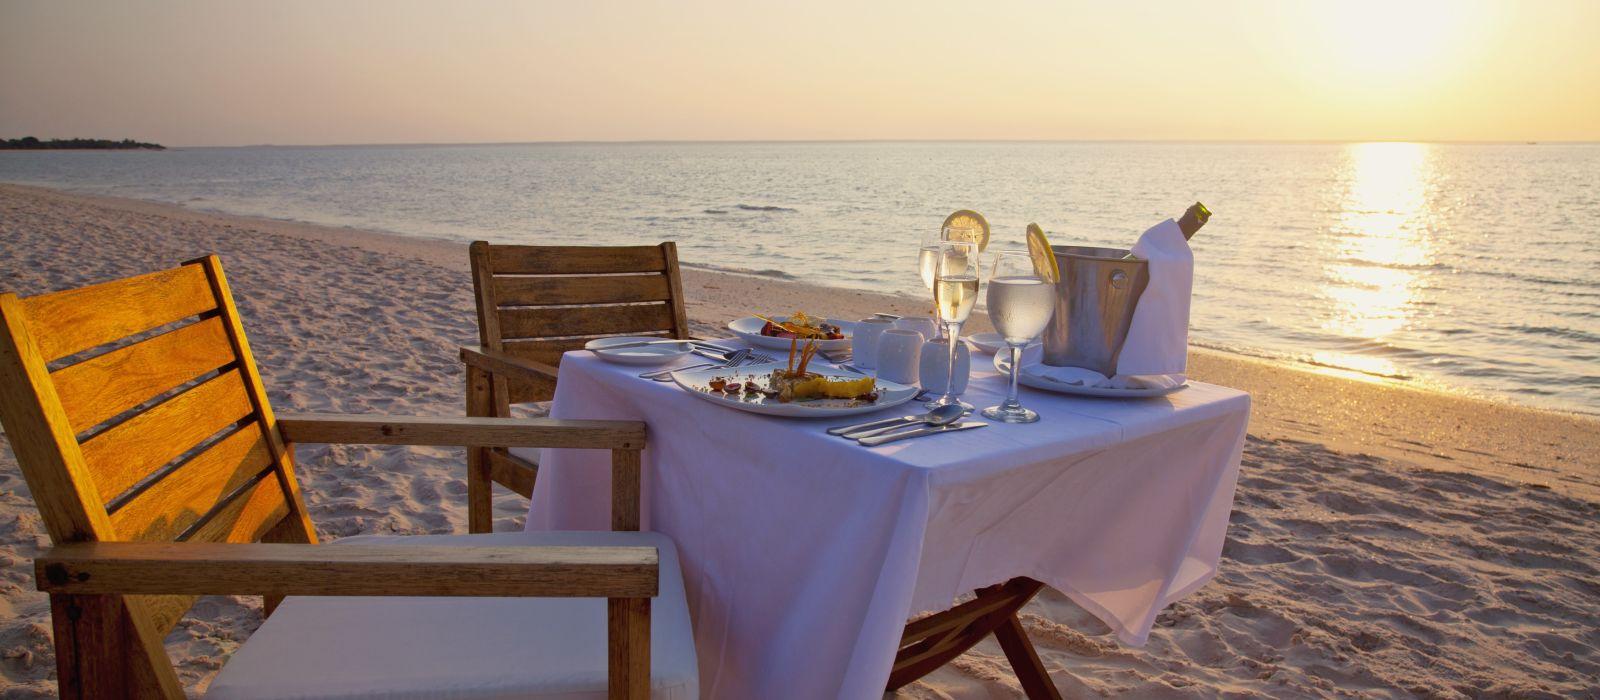 cuisine of Mozambique